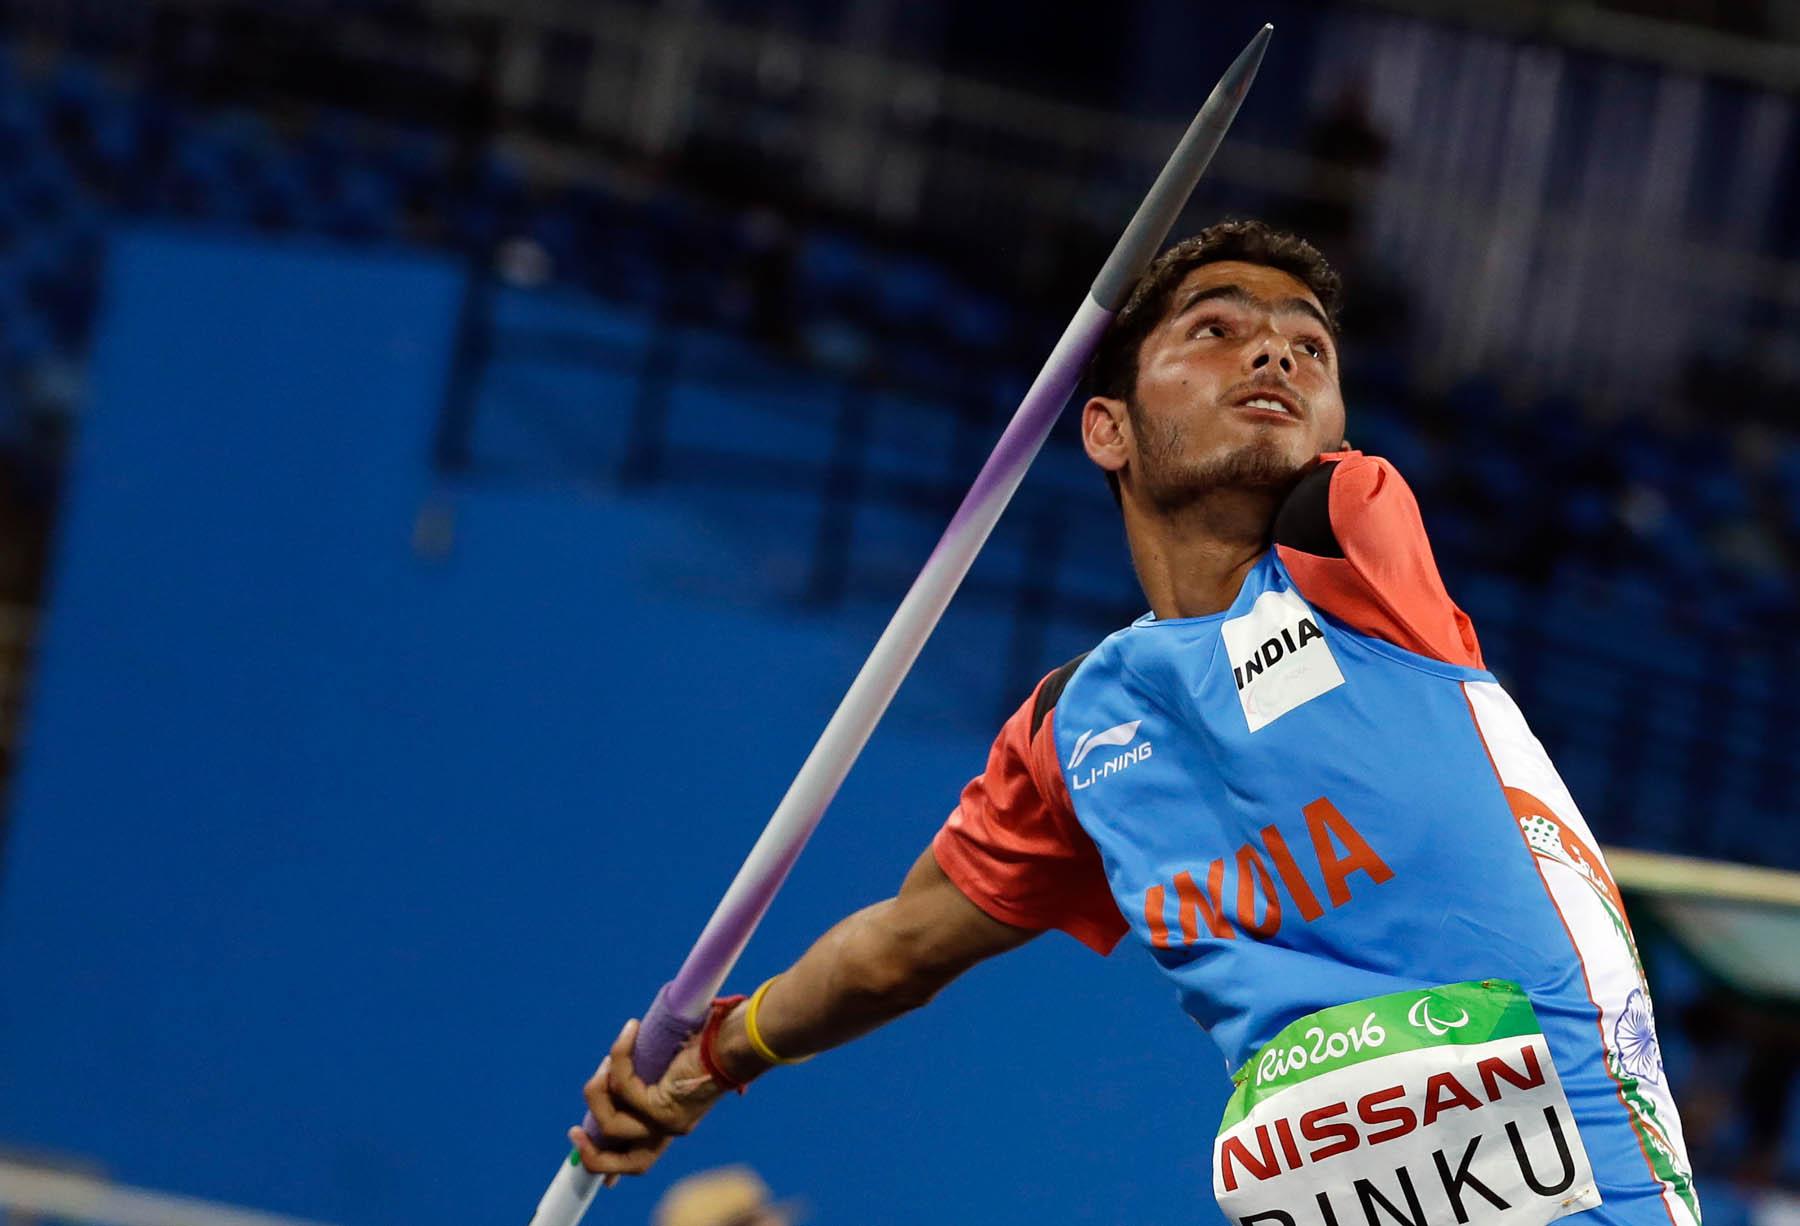 Man throwing javelin (© AP Images)